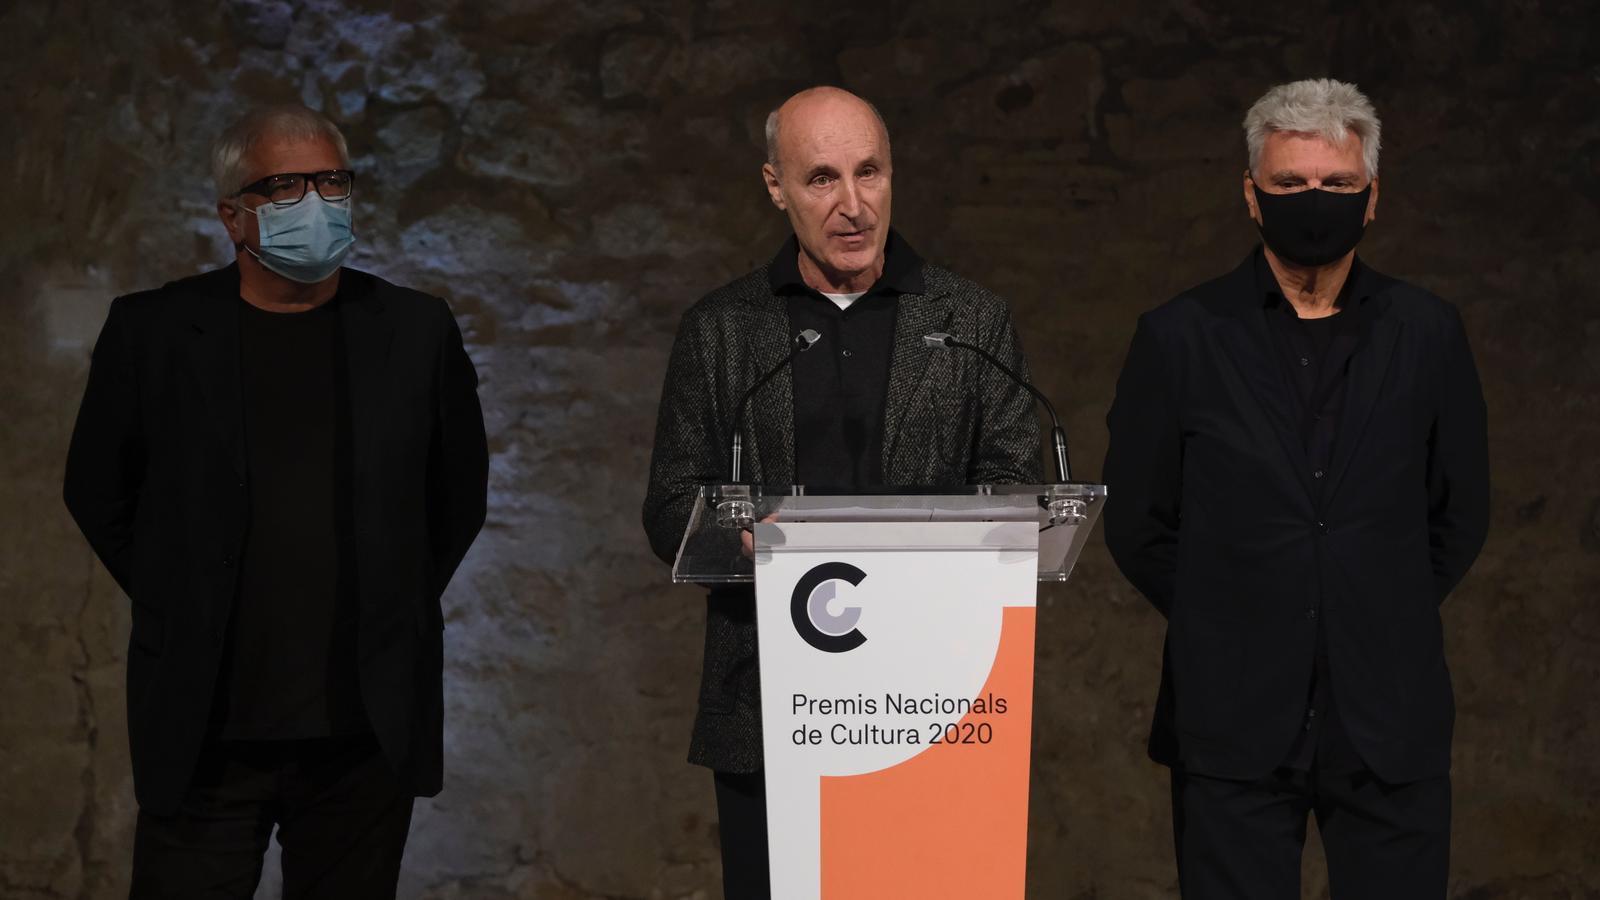 Maria del Mar Bonet, Carla Simón i Tricicle, Premis Nacionals de Cultura 2020